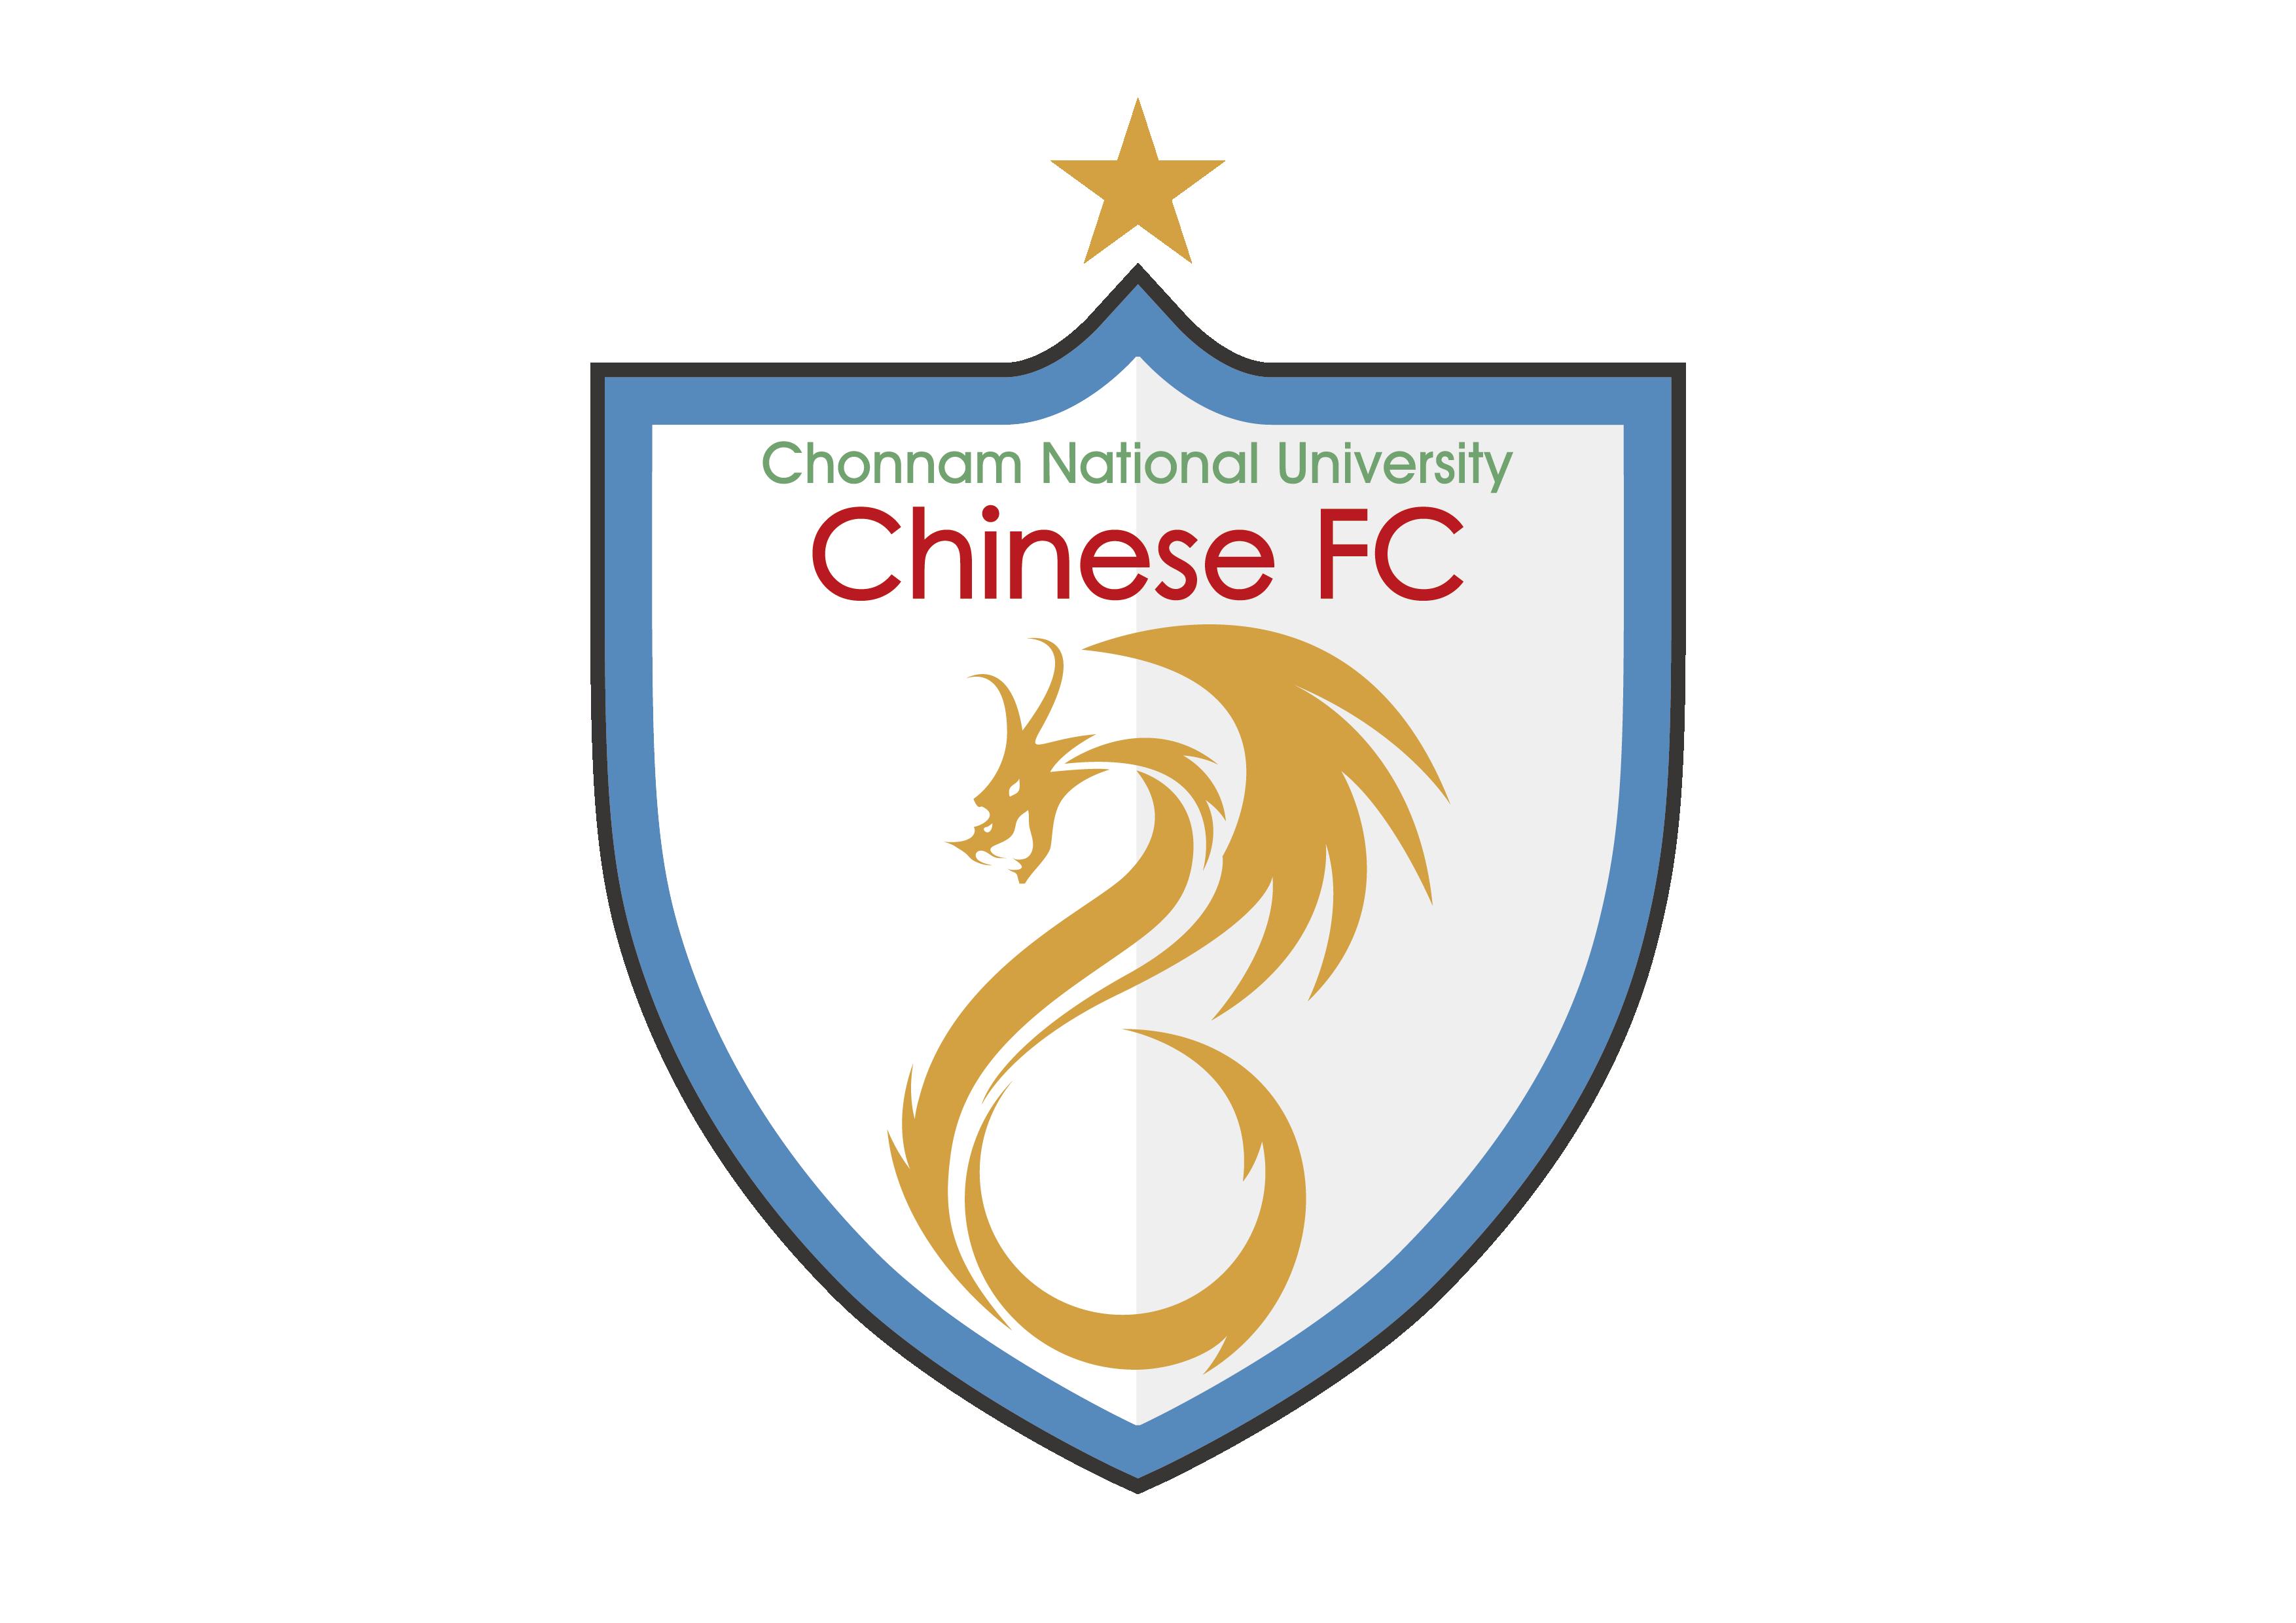 全南大足球队队徽|平面|标志|vzsai - 原创作品图片